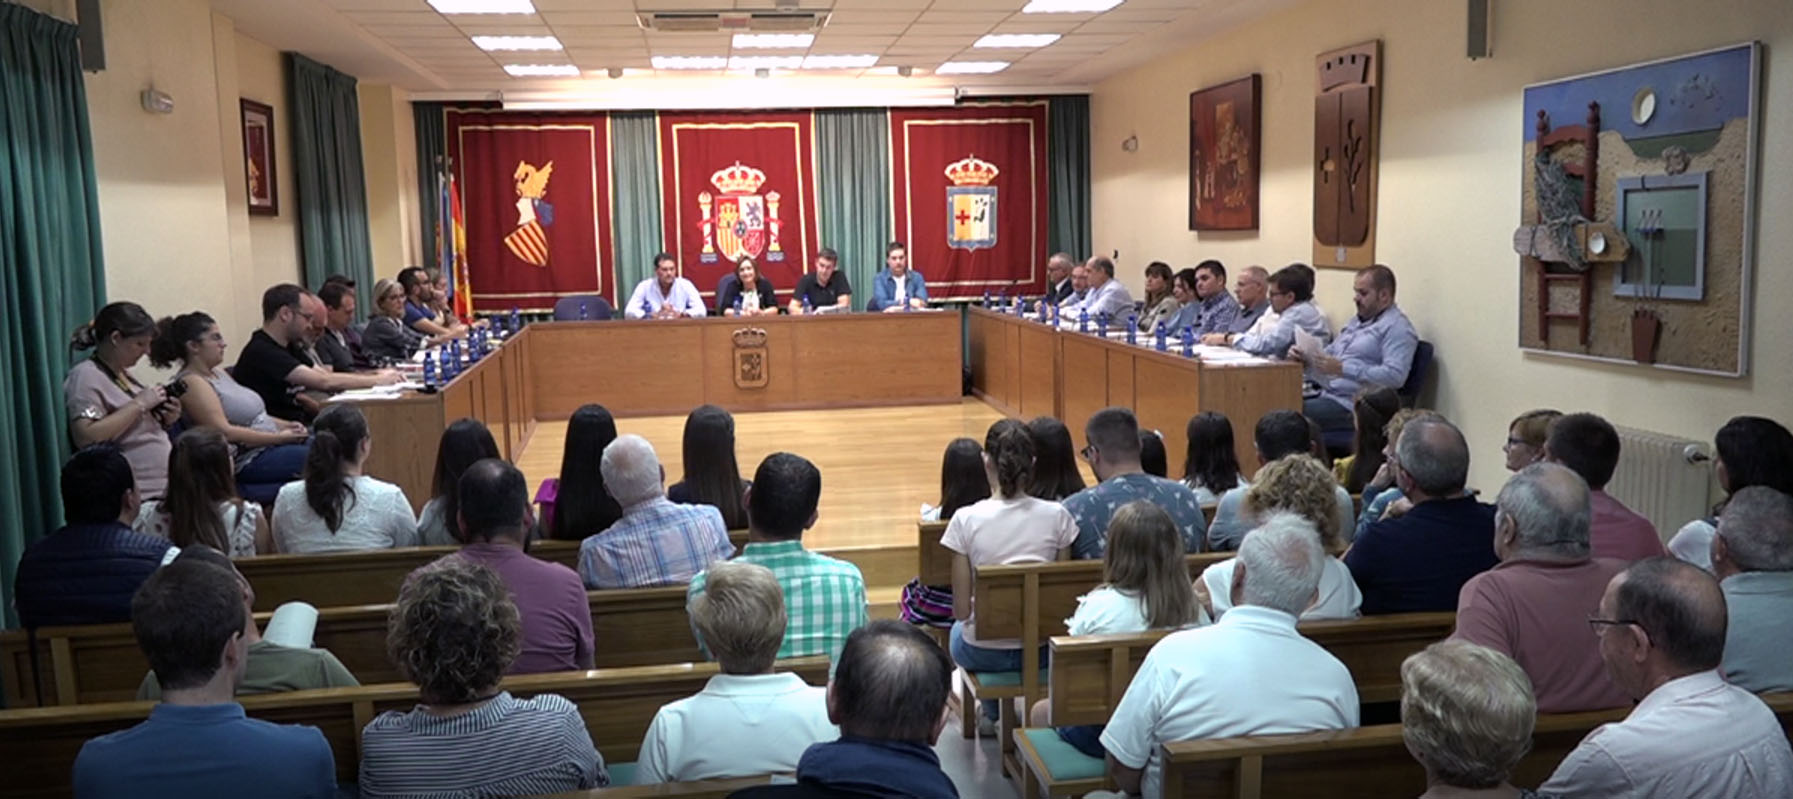 Benicarló, l'Ajuntament crea una nova plataforma per consultar els plens per d'internet